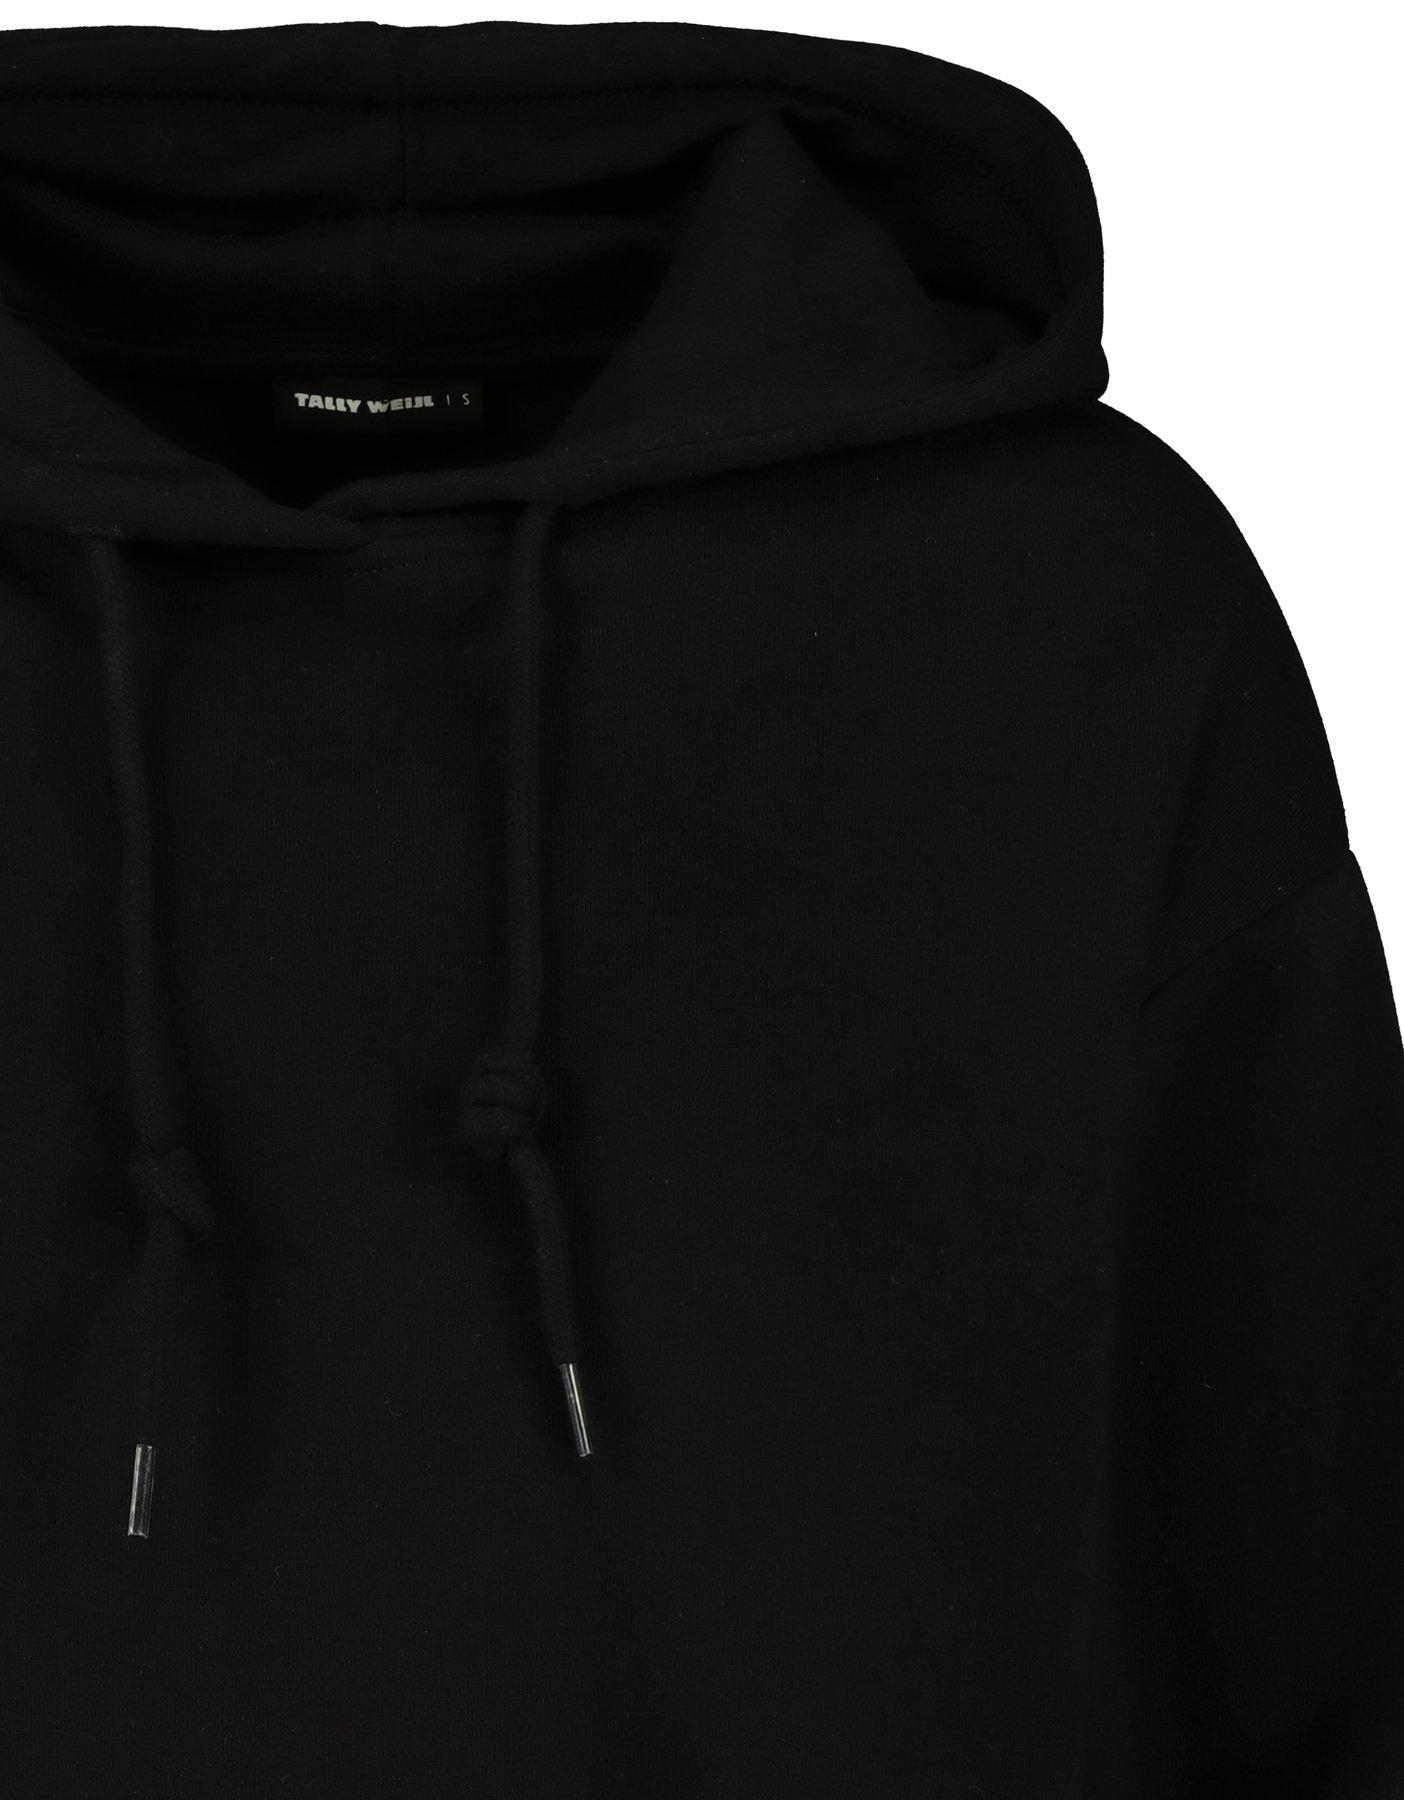 Schwarze, kurze Hoodie